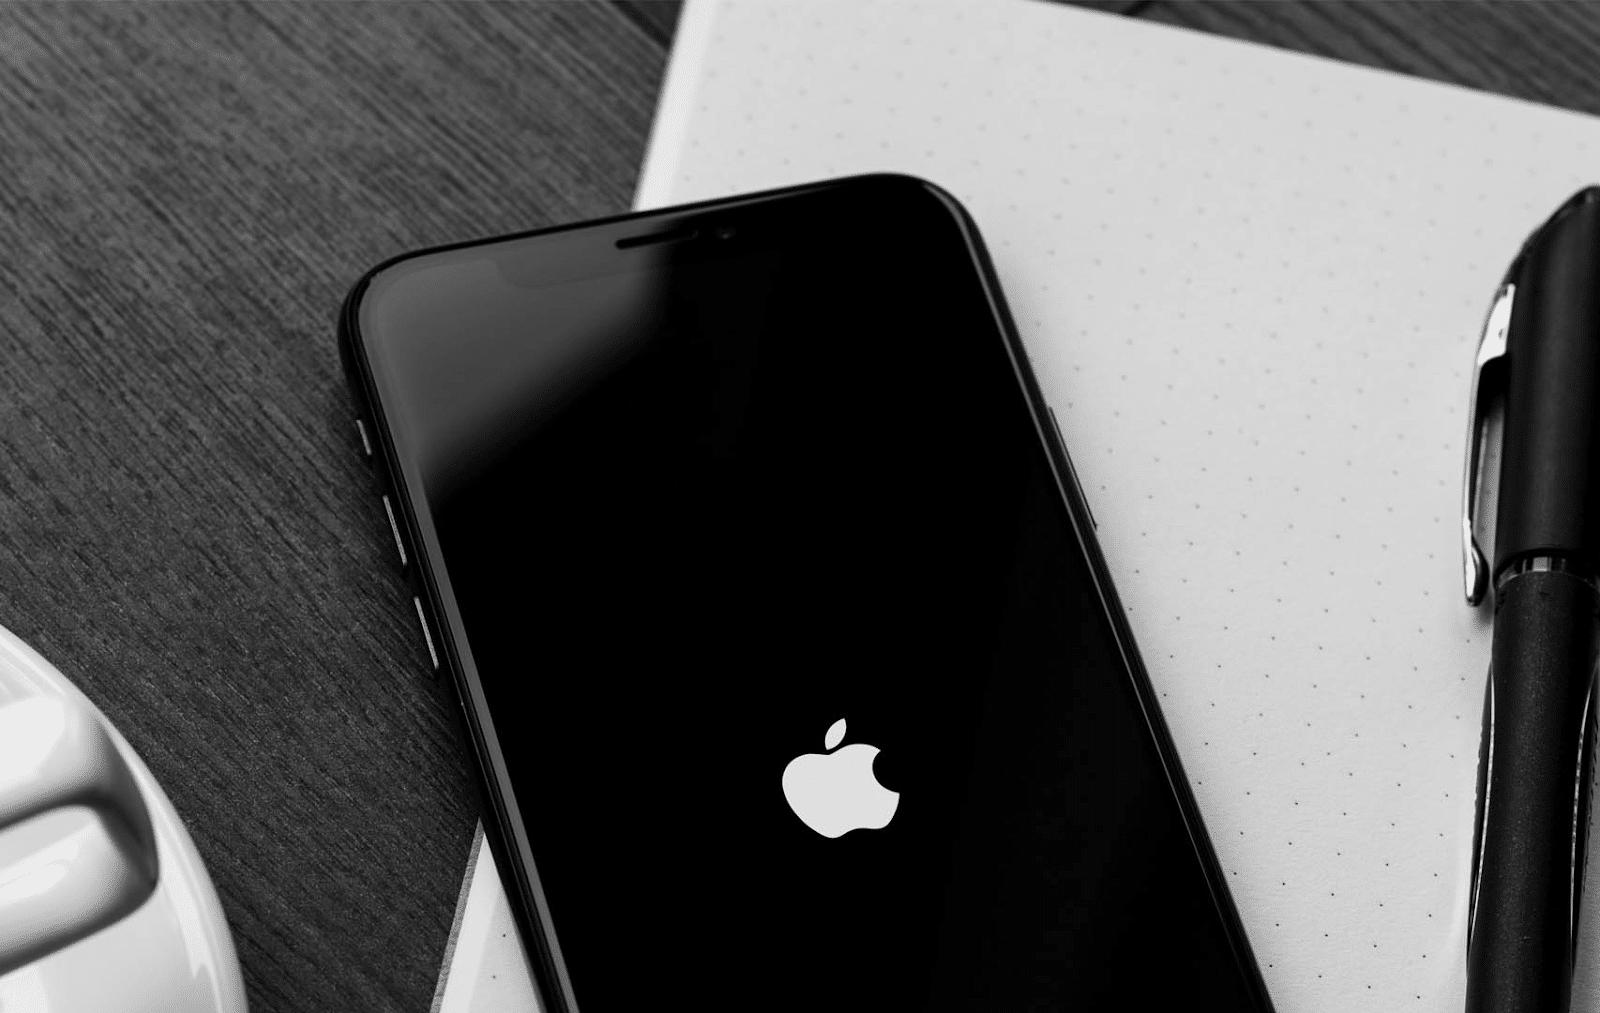 Khởi động iPhone chỉ với một lần nhấn